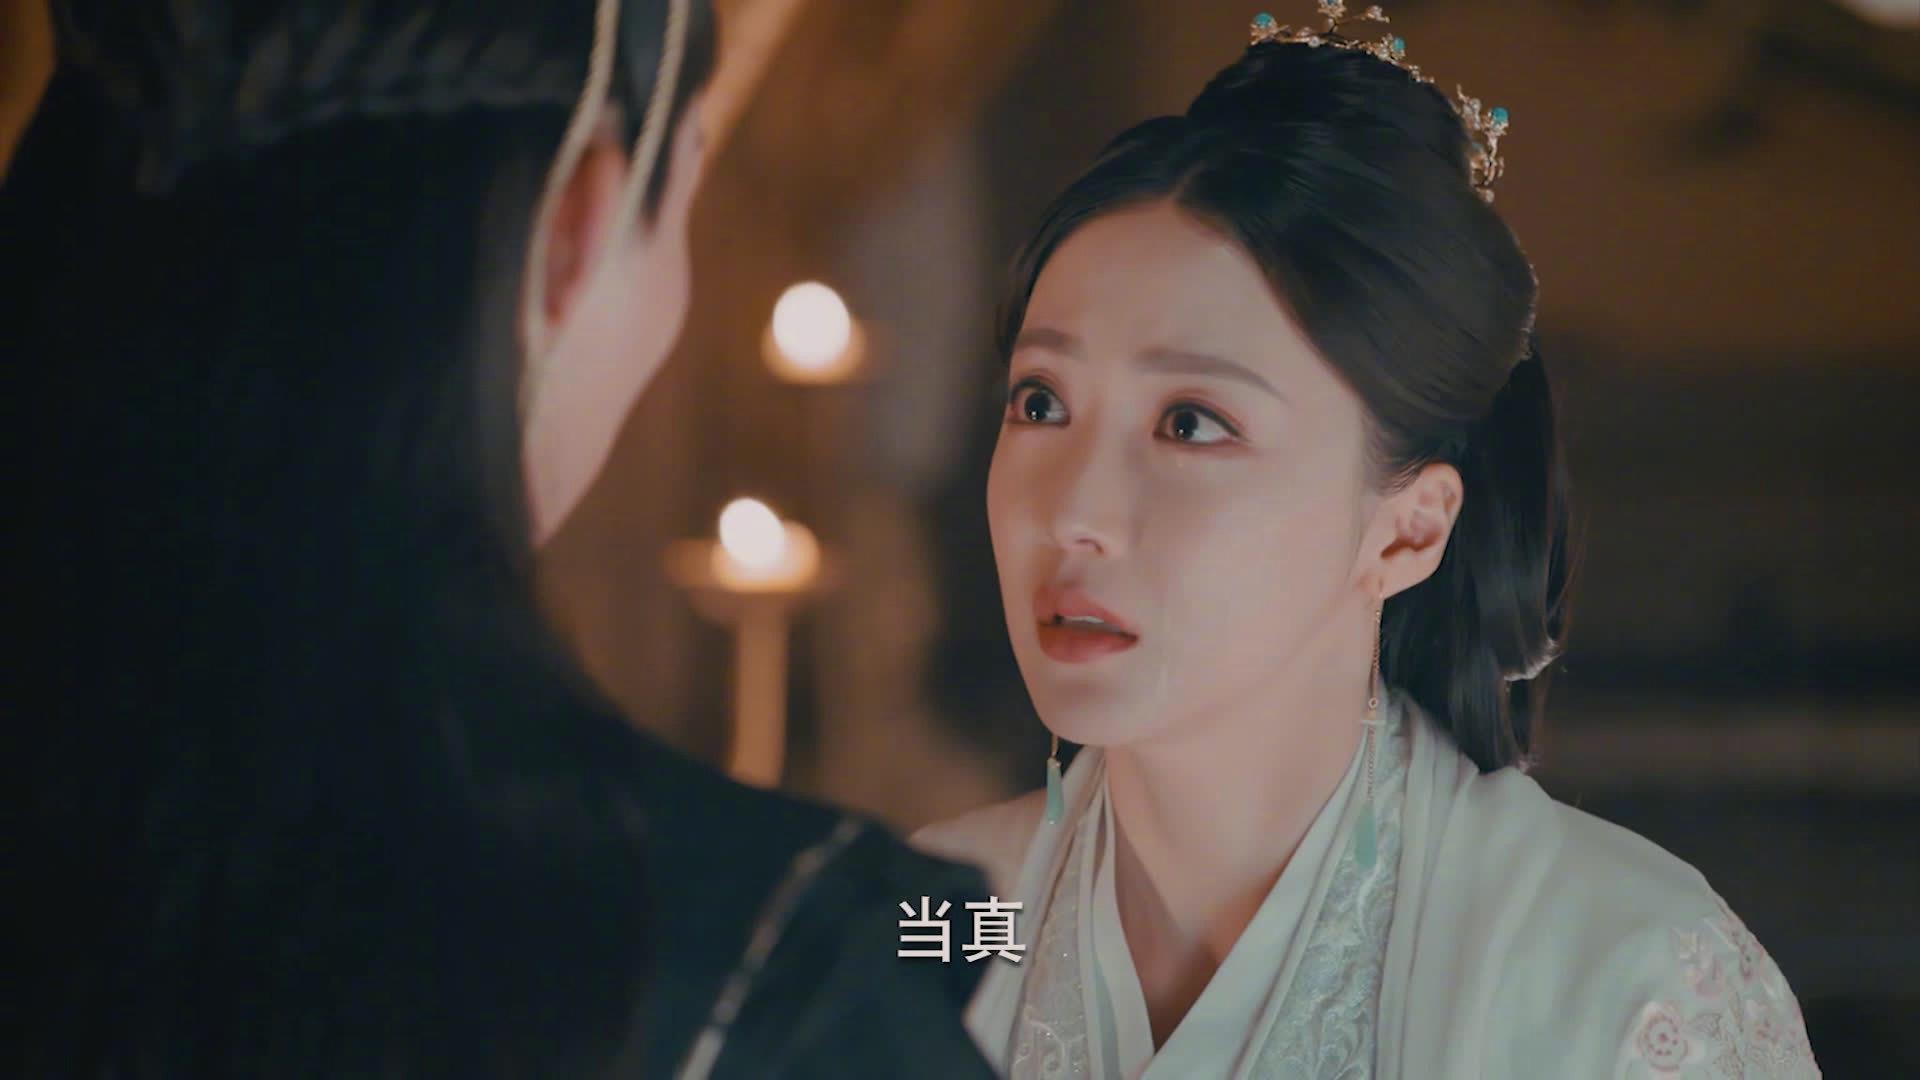 有虐才有甜 我们的玄珠@王萌黎 和左紫辰@刘怡潼 终于迎来了爱情